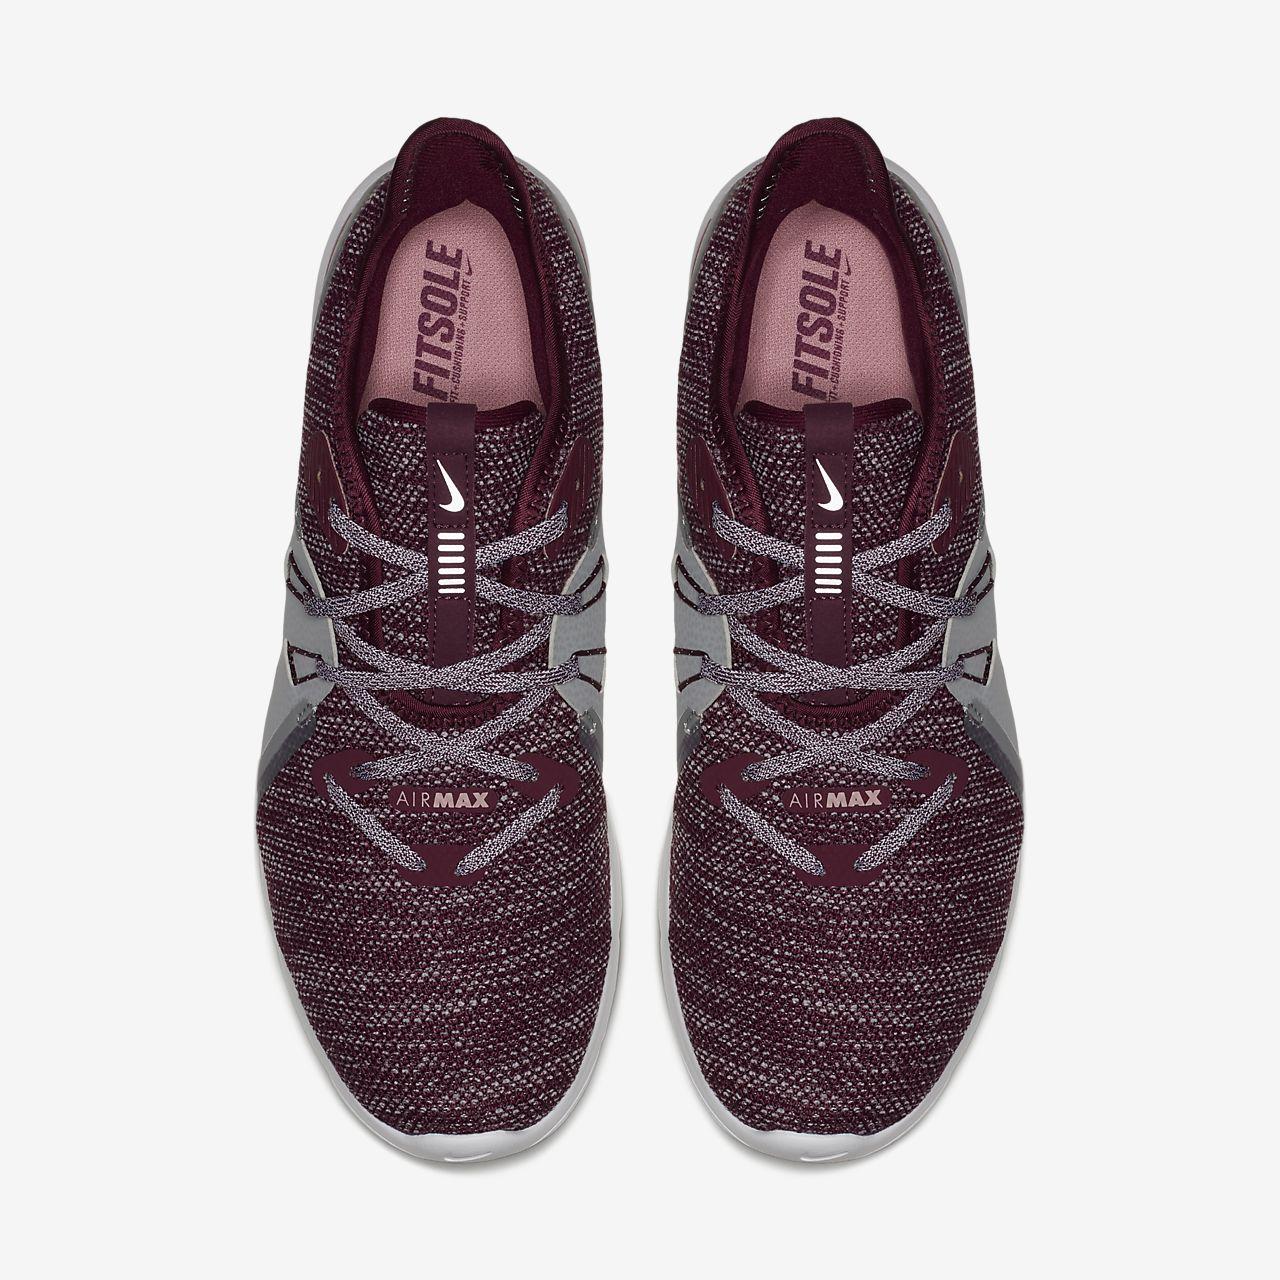 2adab2a8b69a3 Nike Air Max Sequent 3 Women s Shoe. Nike.com PT